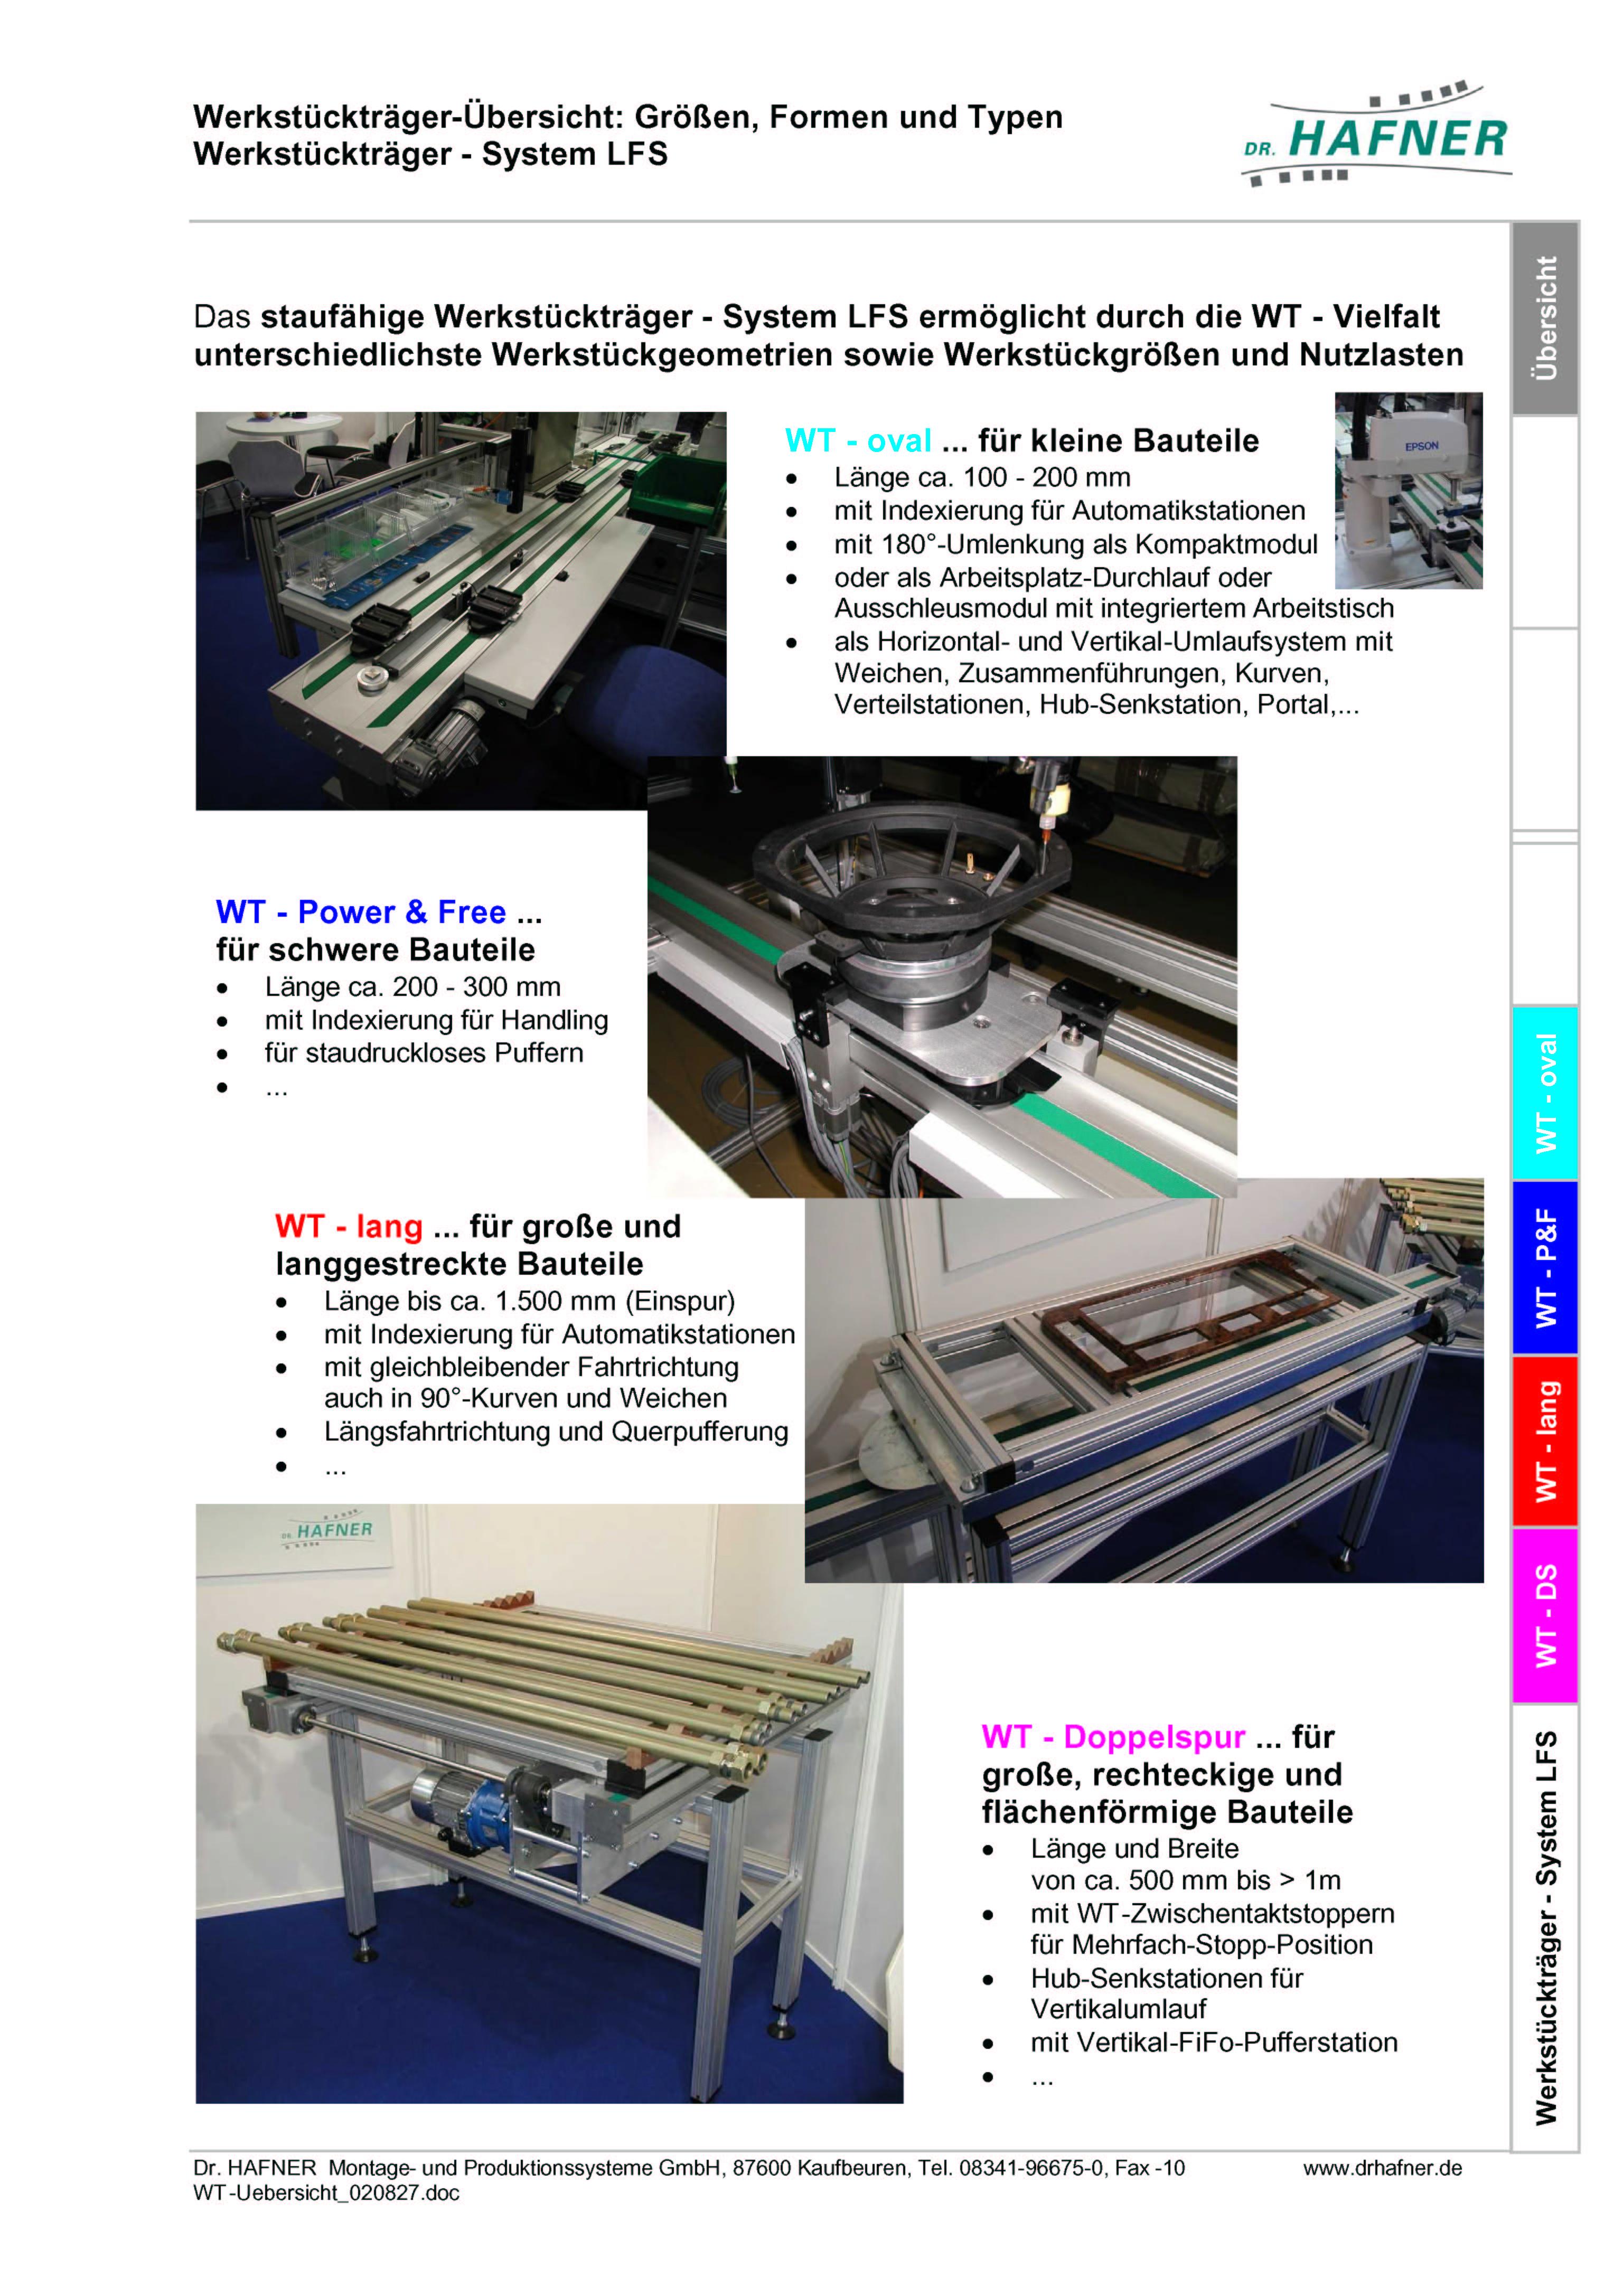 Werkstückträger - Übersicht; Größe, Form, Typ, ...